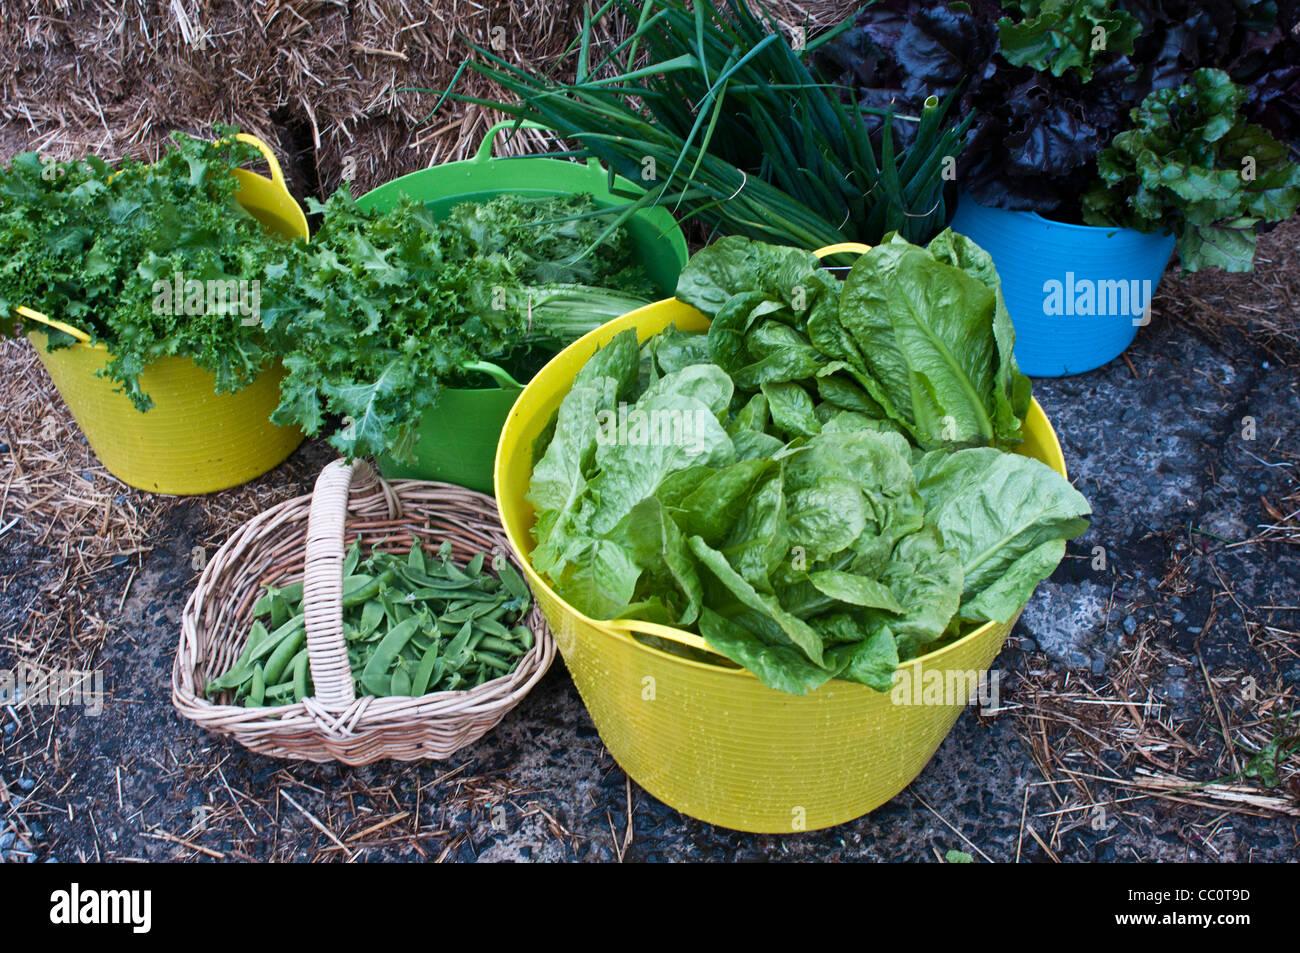 Salade de légumes verts récoltés et pois mange-tout dans du plastique trugs et panier Photo Stock